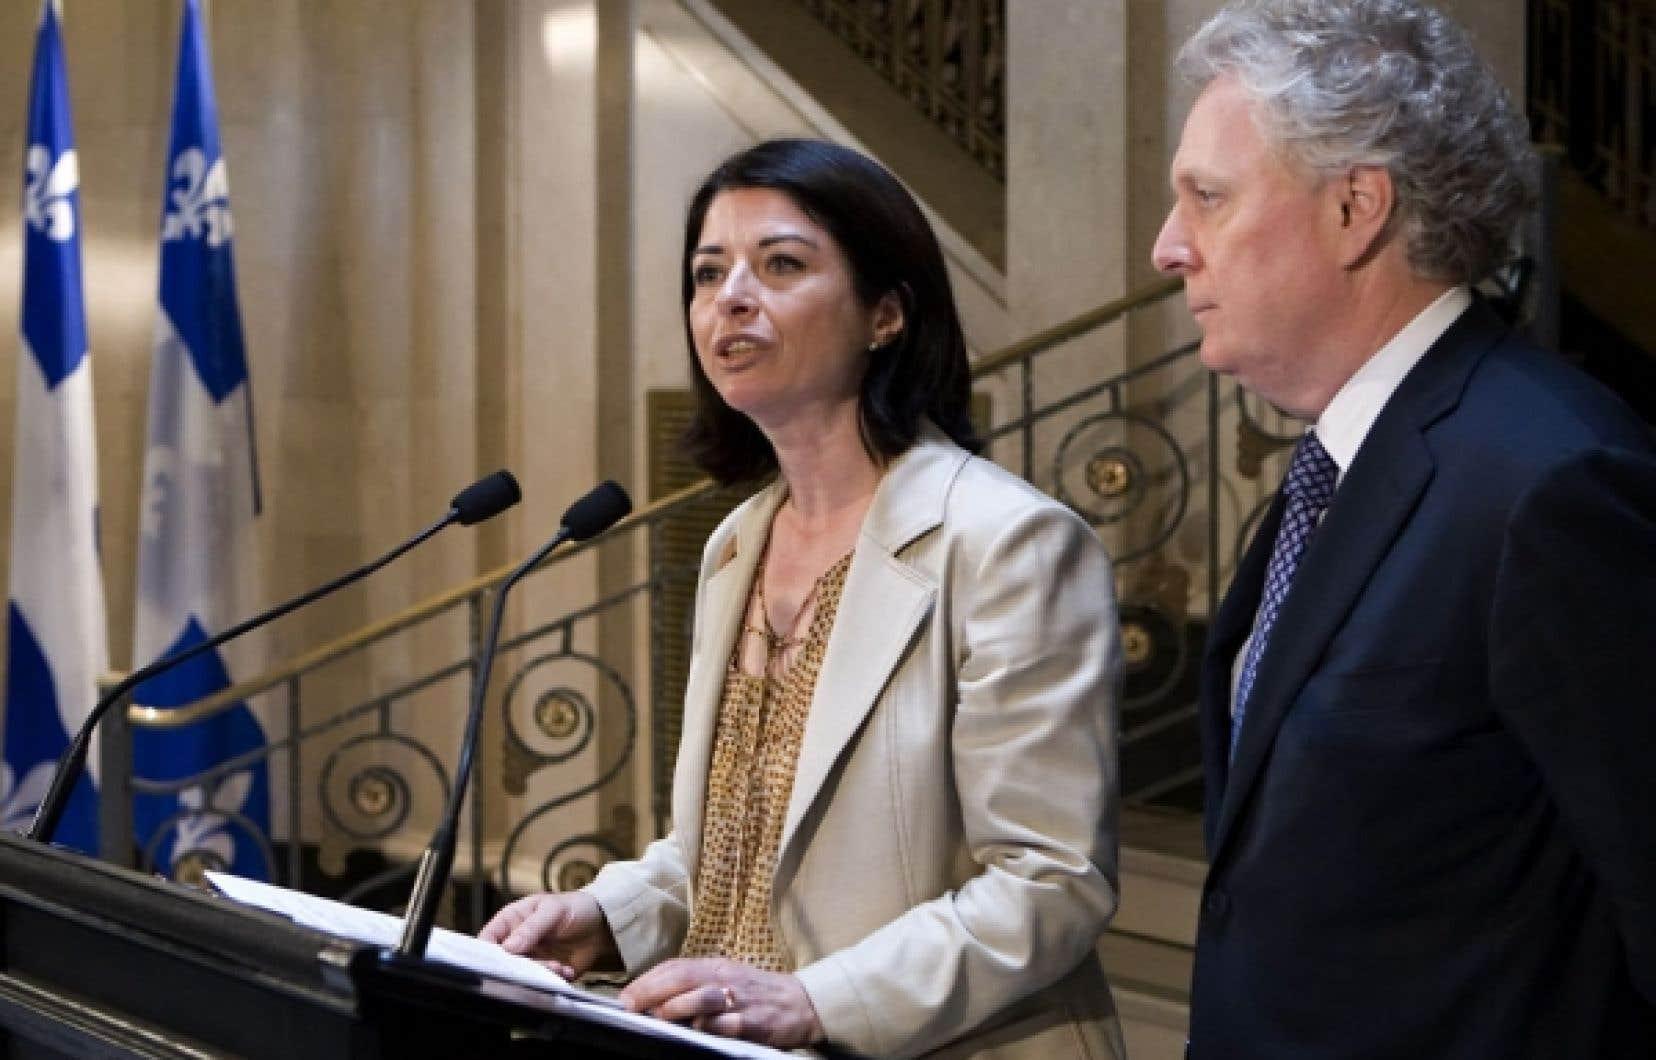 La ministre de l'Éducation, Line Beauchamp, annonçant sa démission, hier, à Québec, aux côtés du premier ministre Jean Charest. Mme Beauchamp a estimé ne plus faire « partie de la solution » dans la crise étudiante.